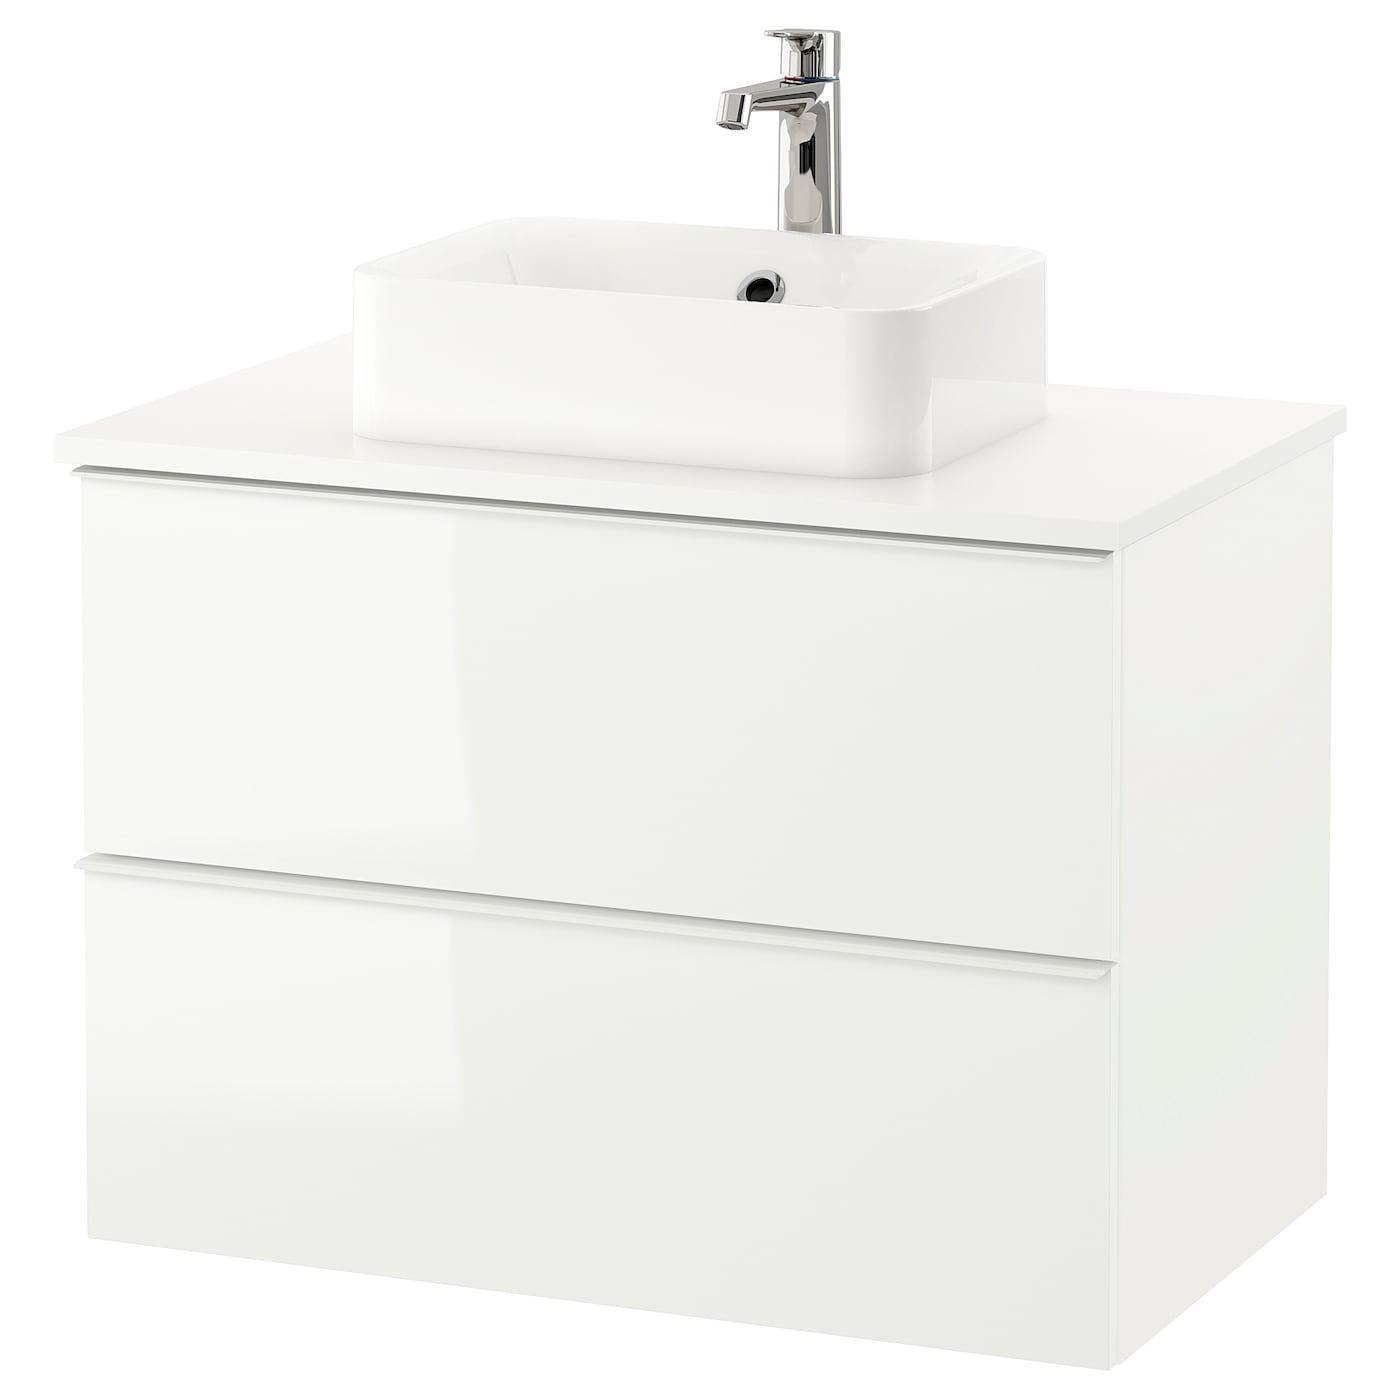 GODMORGON/TOLKEN / HÖRVIK, Waschbeckenschr+Aufsatzwaschb 45x32, Hochglanz weiß, weiß 292.795.63